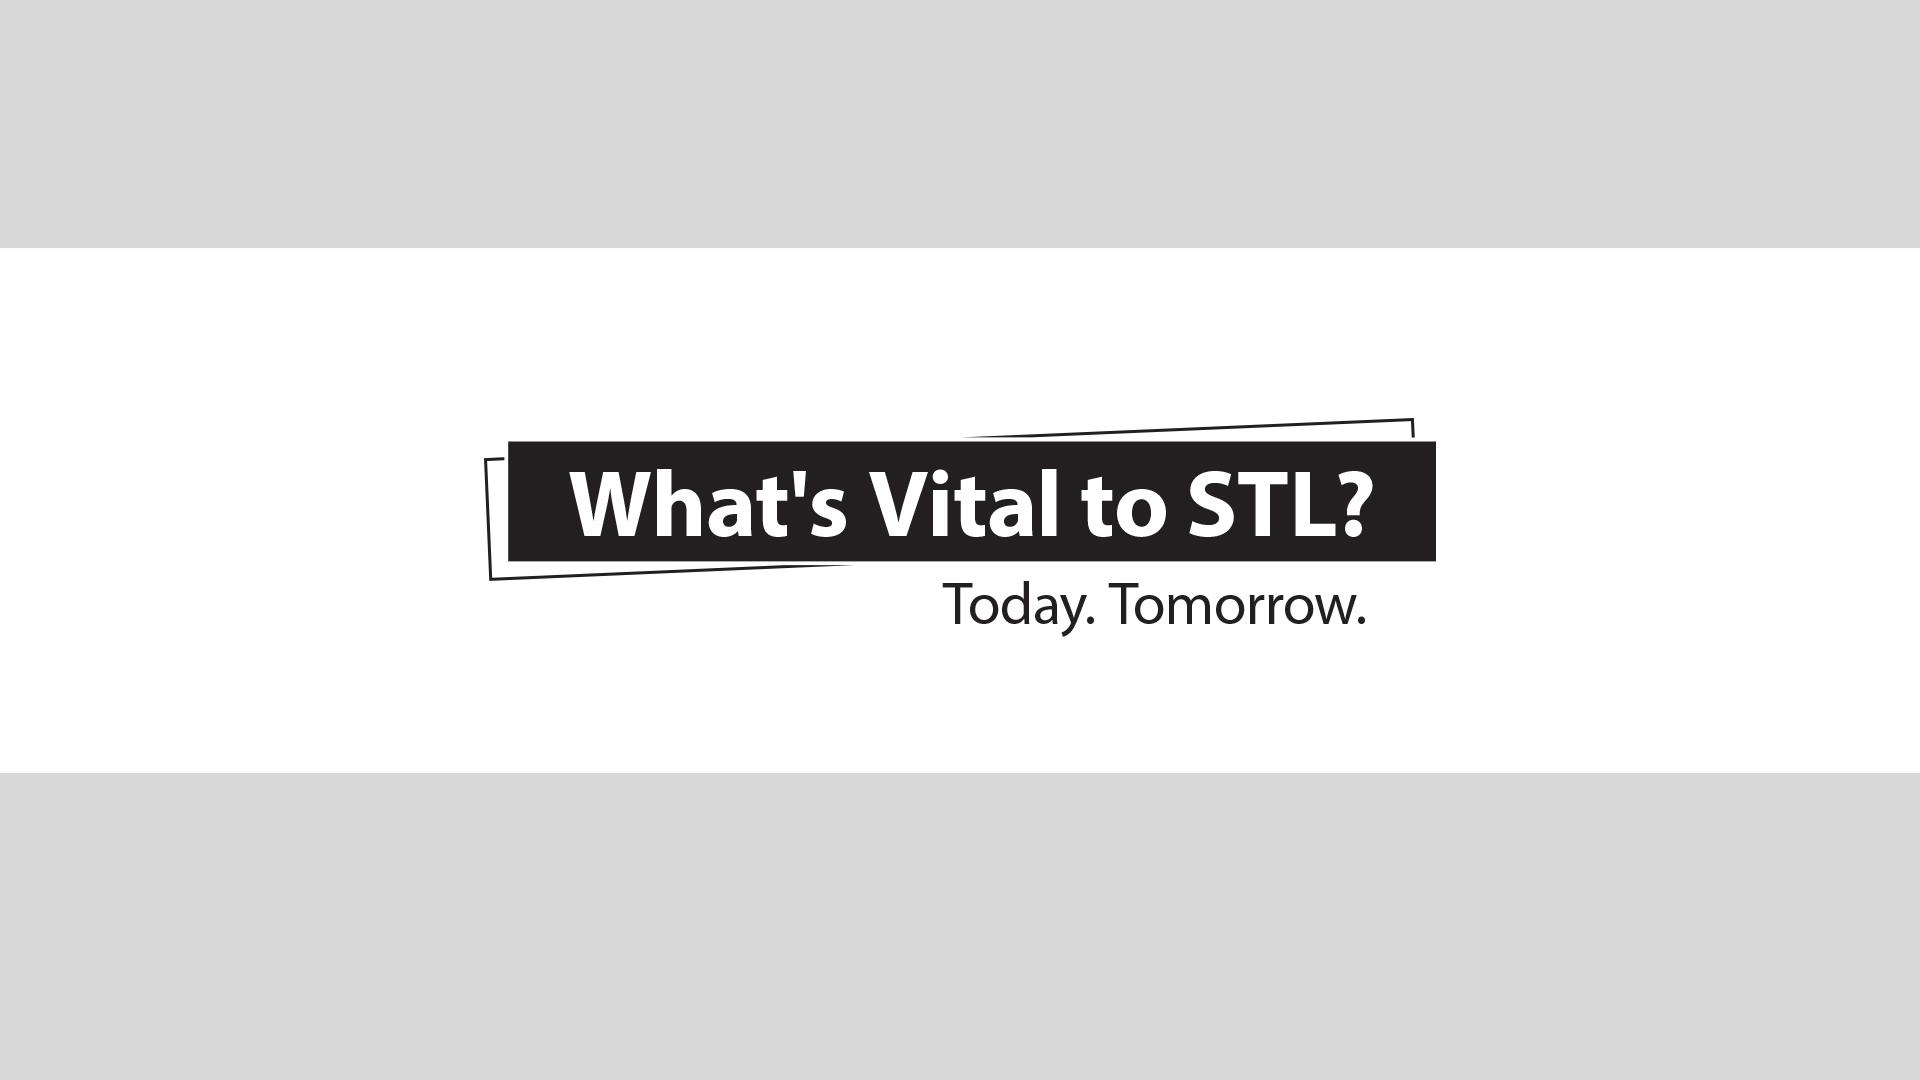 VitalSTL_Fullscreen_Logo.jpg